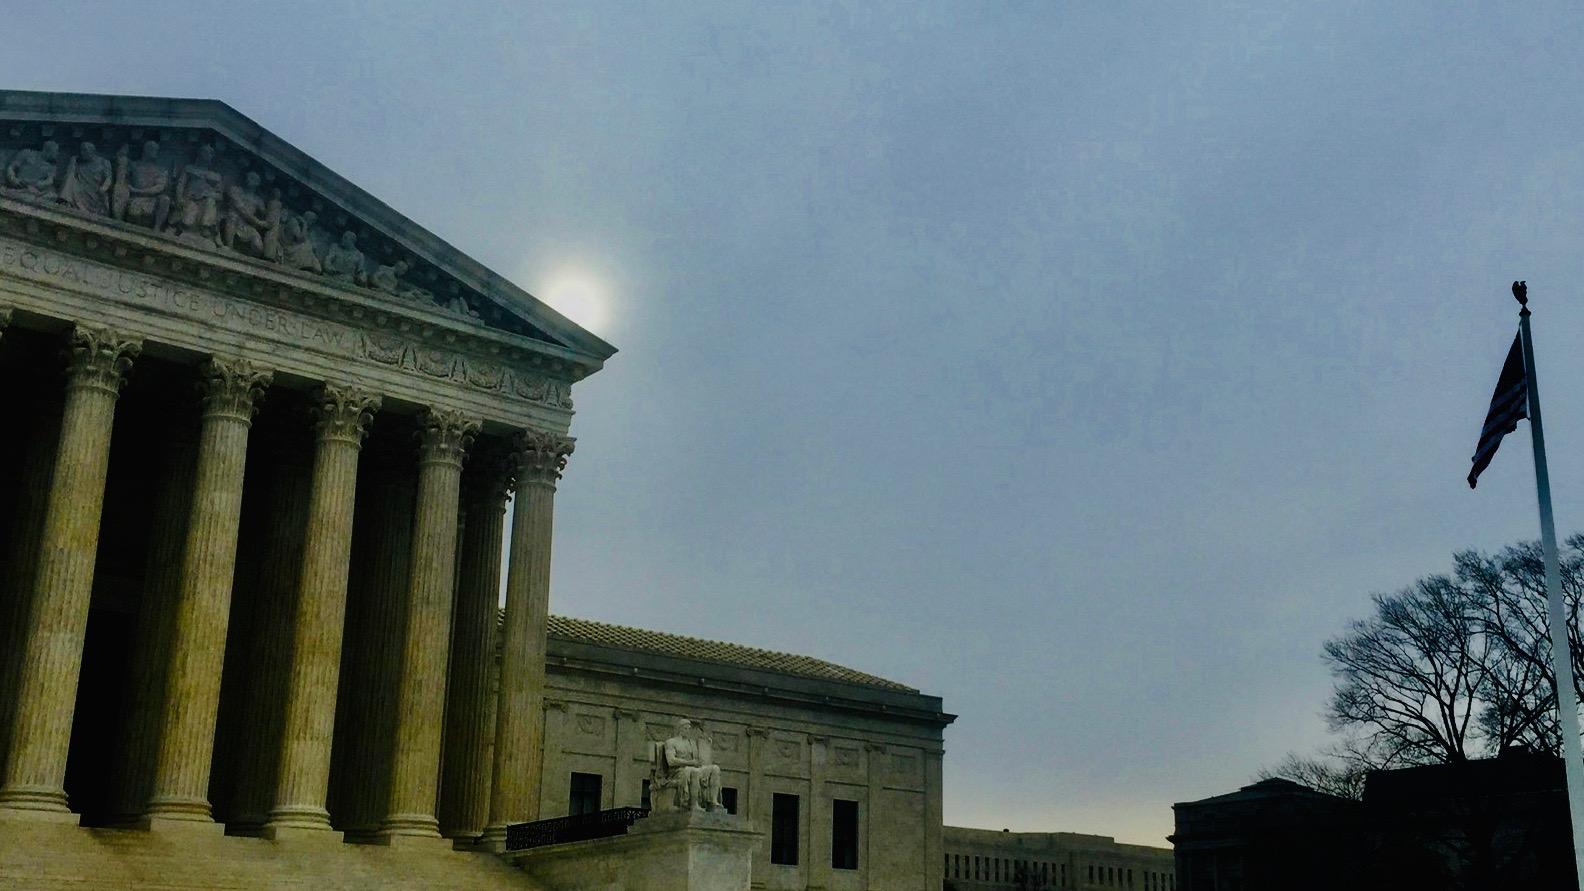 SCOTUS building.